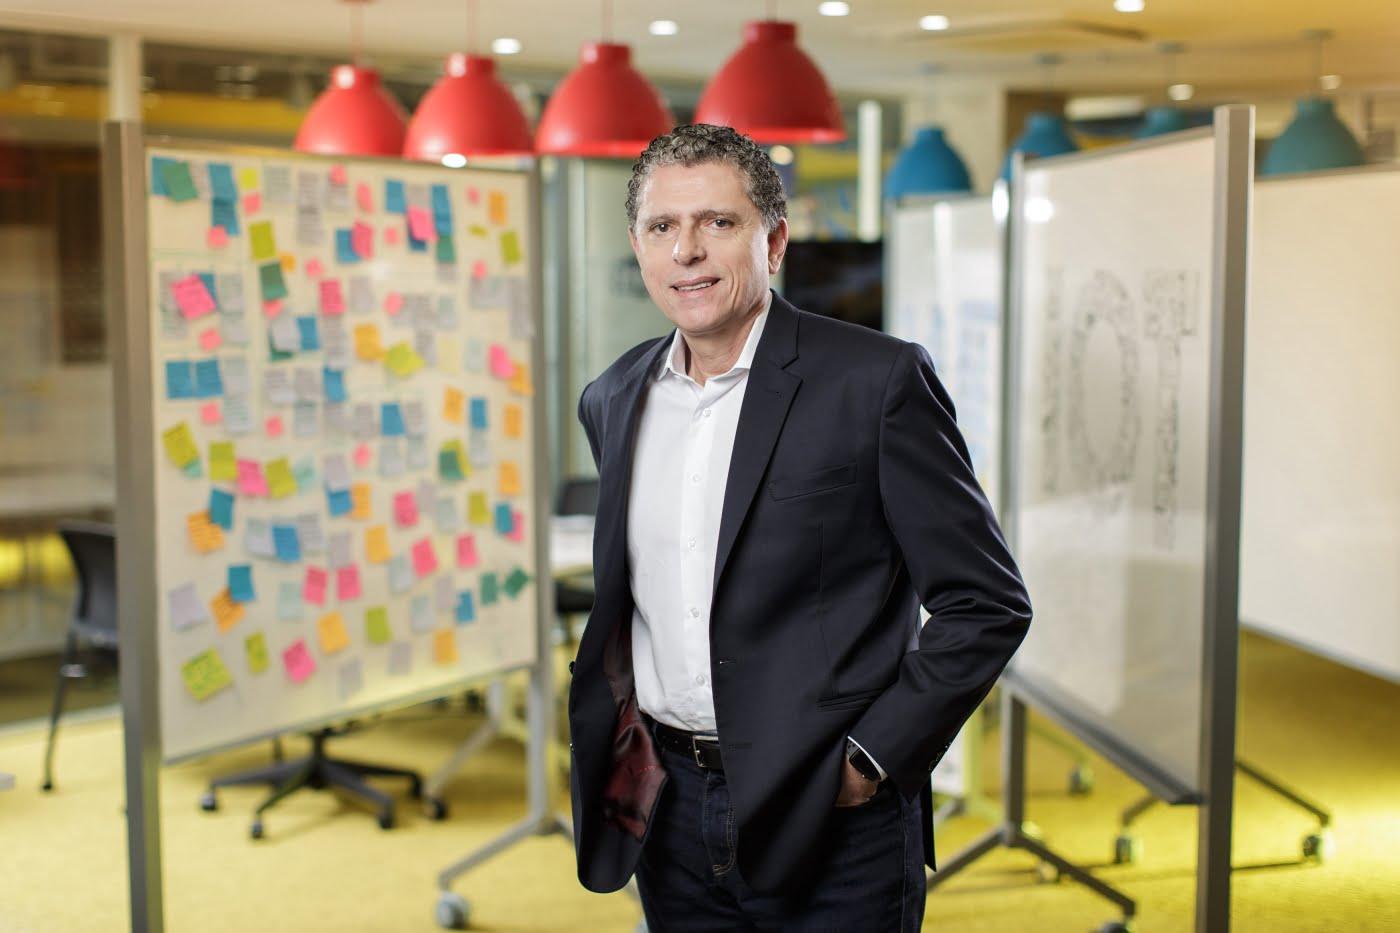 O CEO Laércio conta como a Totvs conseguiu chegar a outros mercados, mas diz que internacionalizar é um desafio permanente.